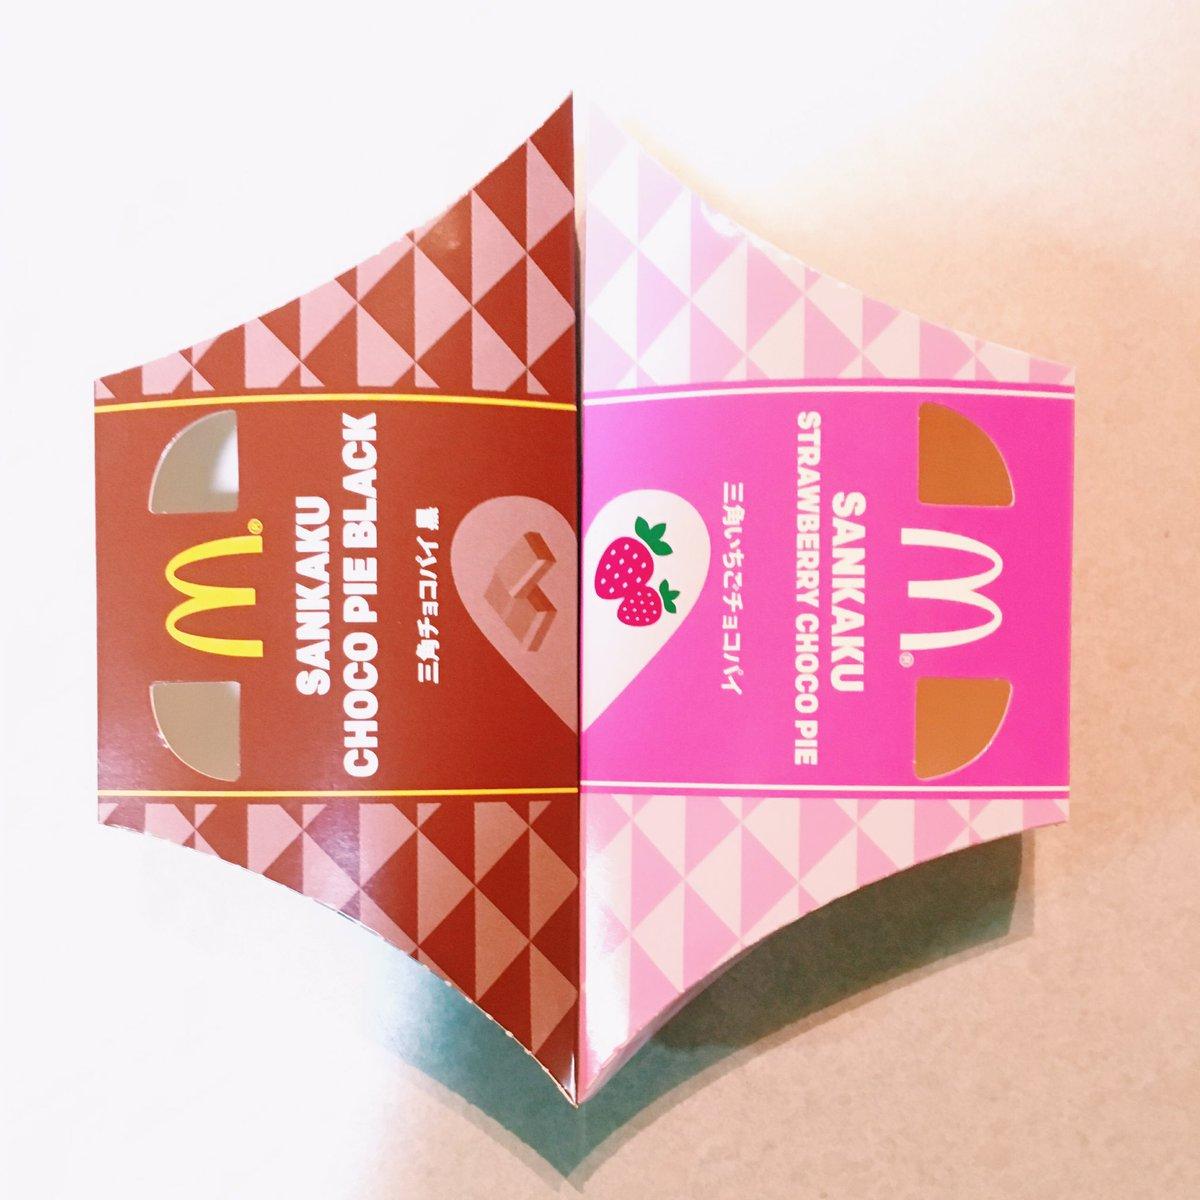 三角いちごチョコパイ召し上がられました??? #三角いちごチョコパイ と#三角チョコパイ黒 を合わせ…